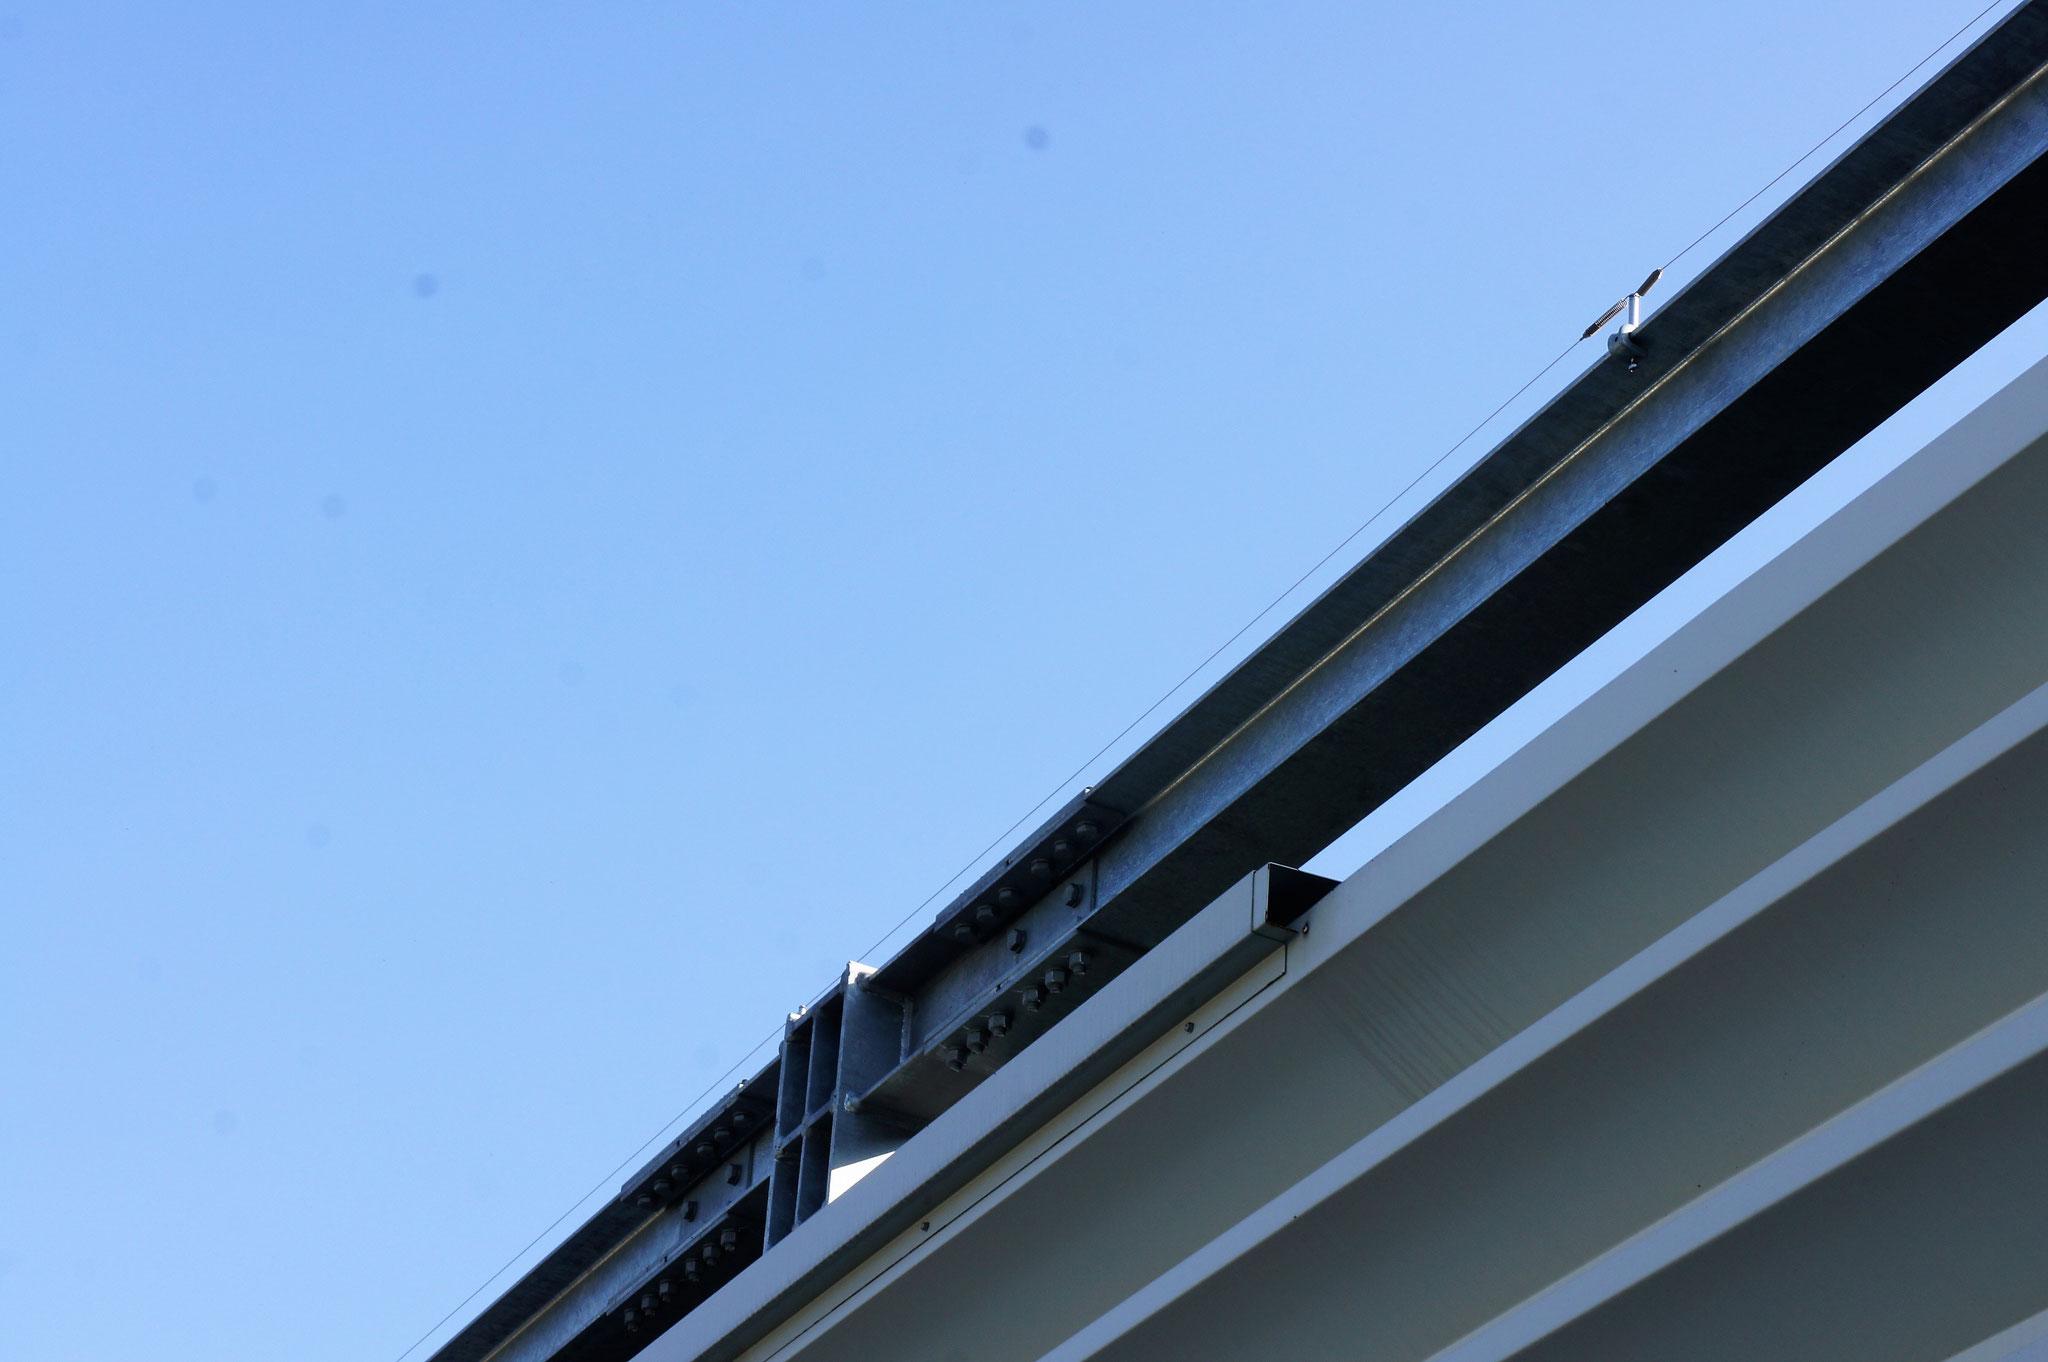 南多摩駅  / 東京都稲城市/2011.6.28